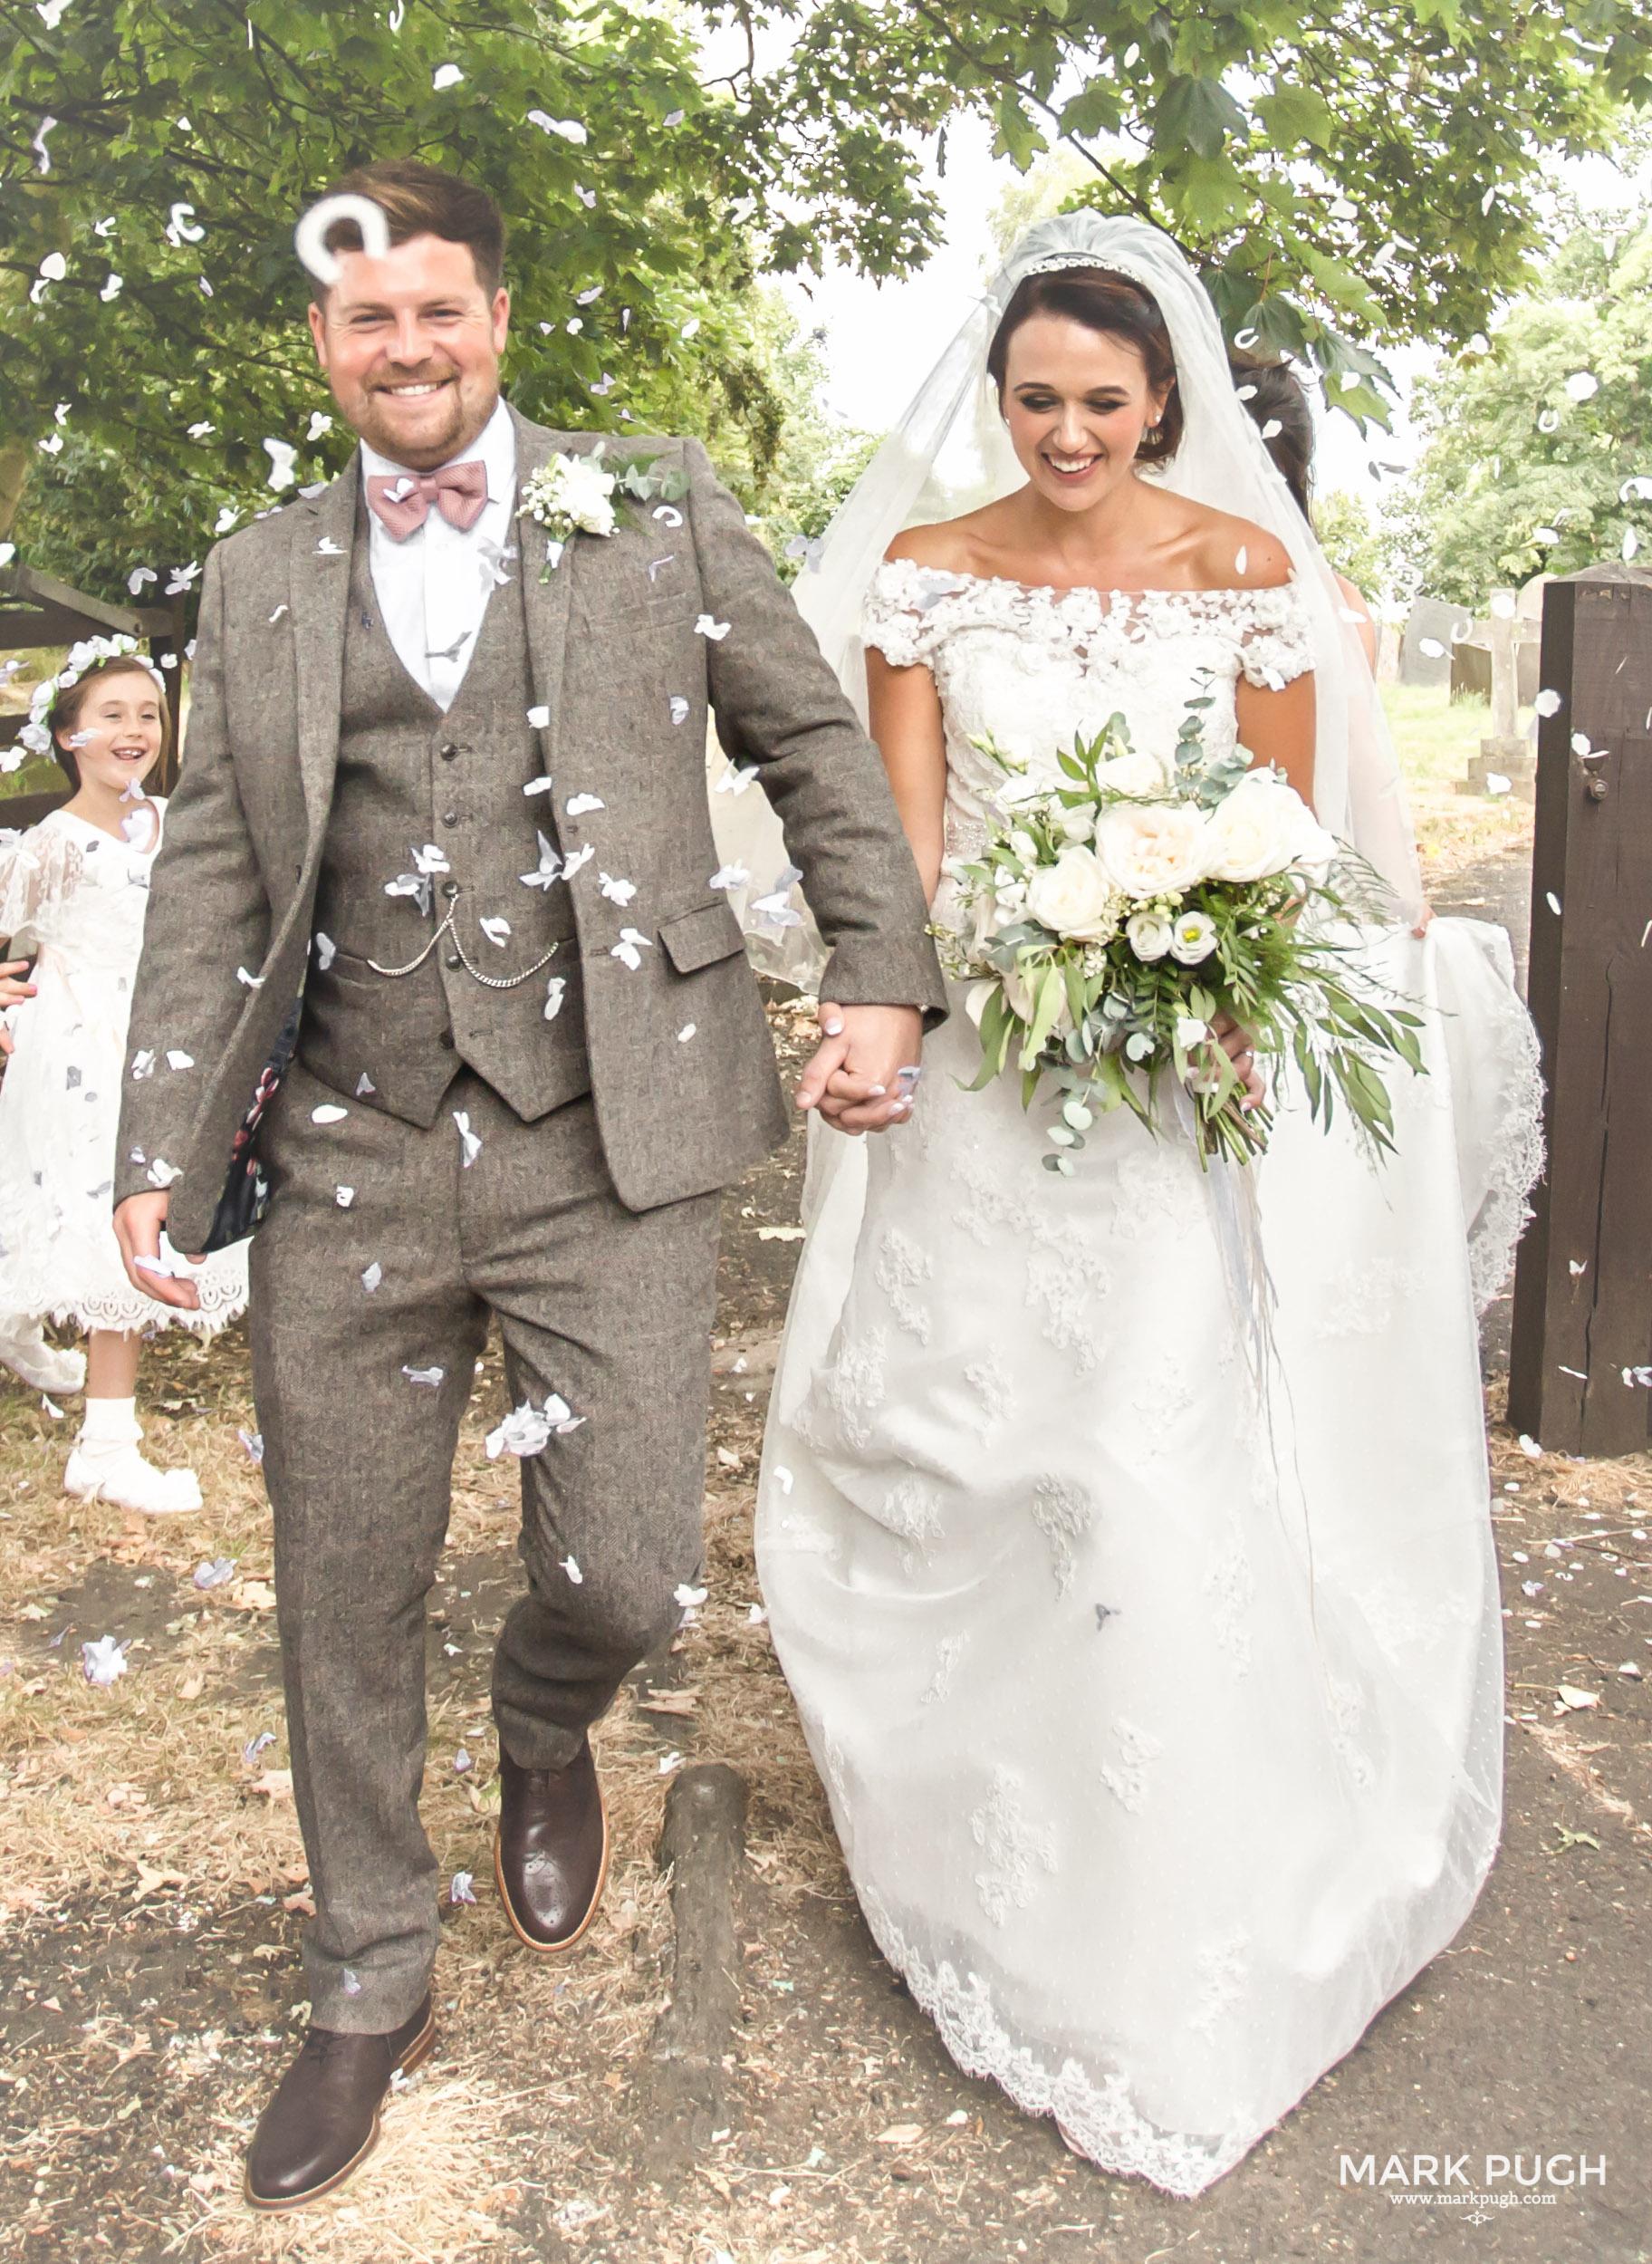 103 - fineART photography by www.markpugh.com Mark Pugh of www.mpmedia.co.uk_.JPG